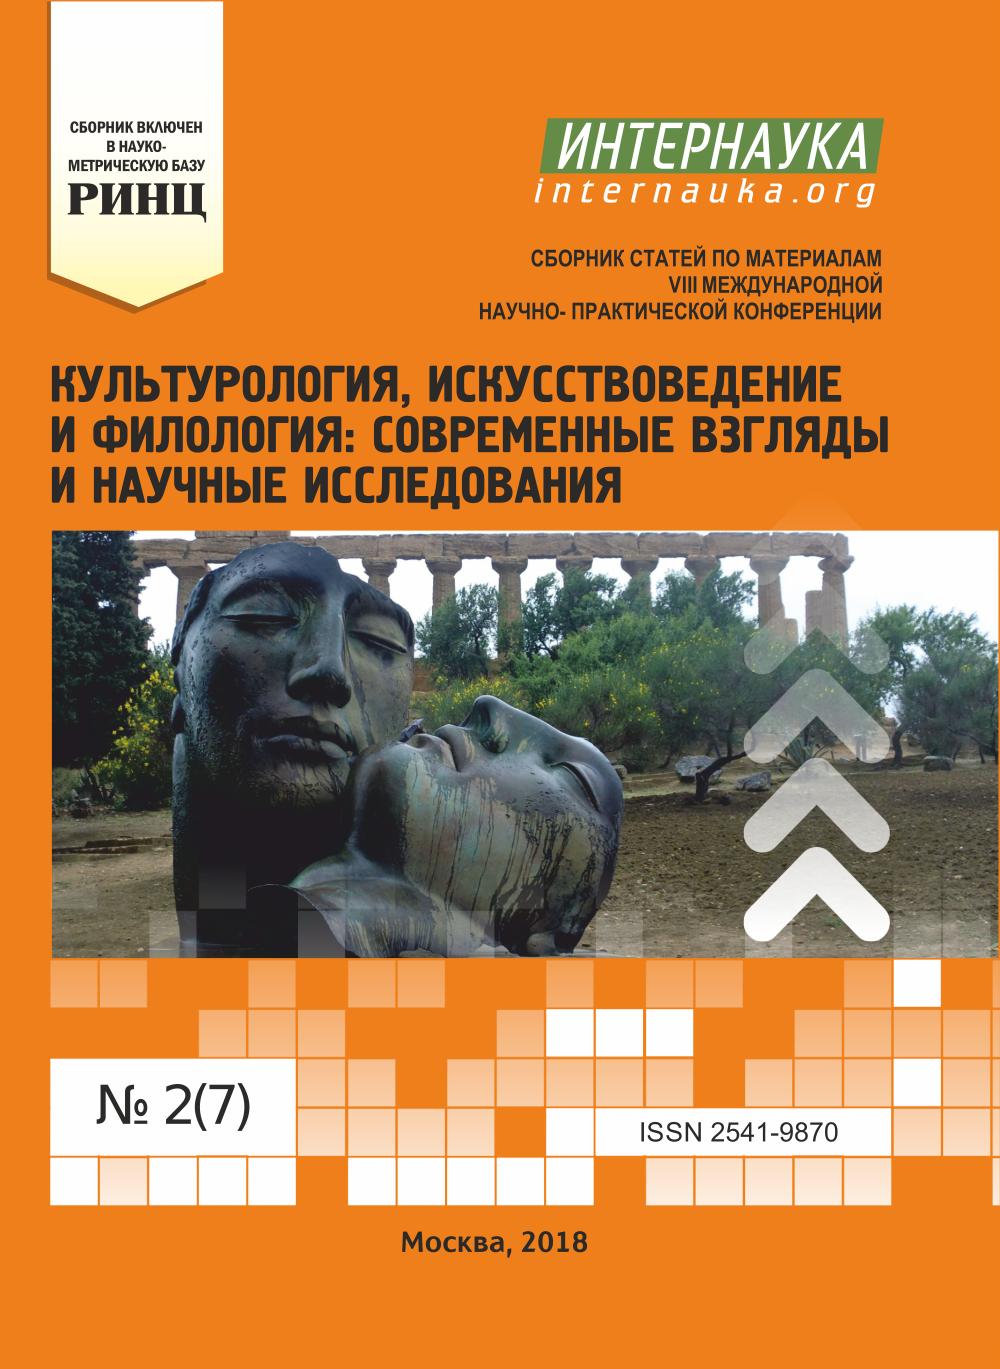 Международные конференции РИНЦ по филологии культурологии  Контрольные сроки